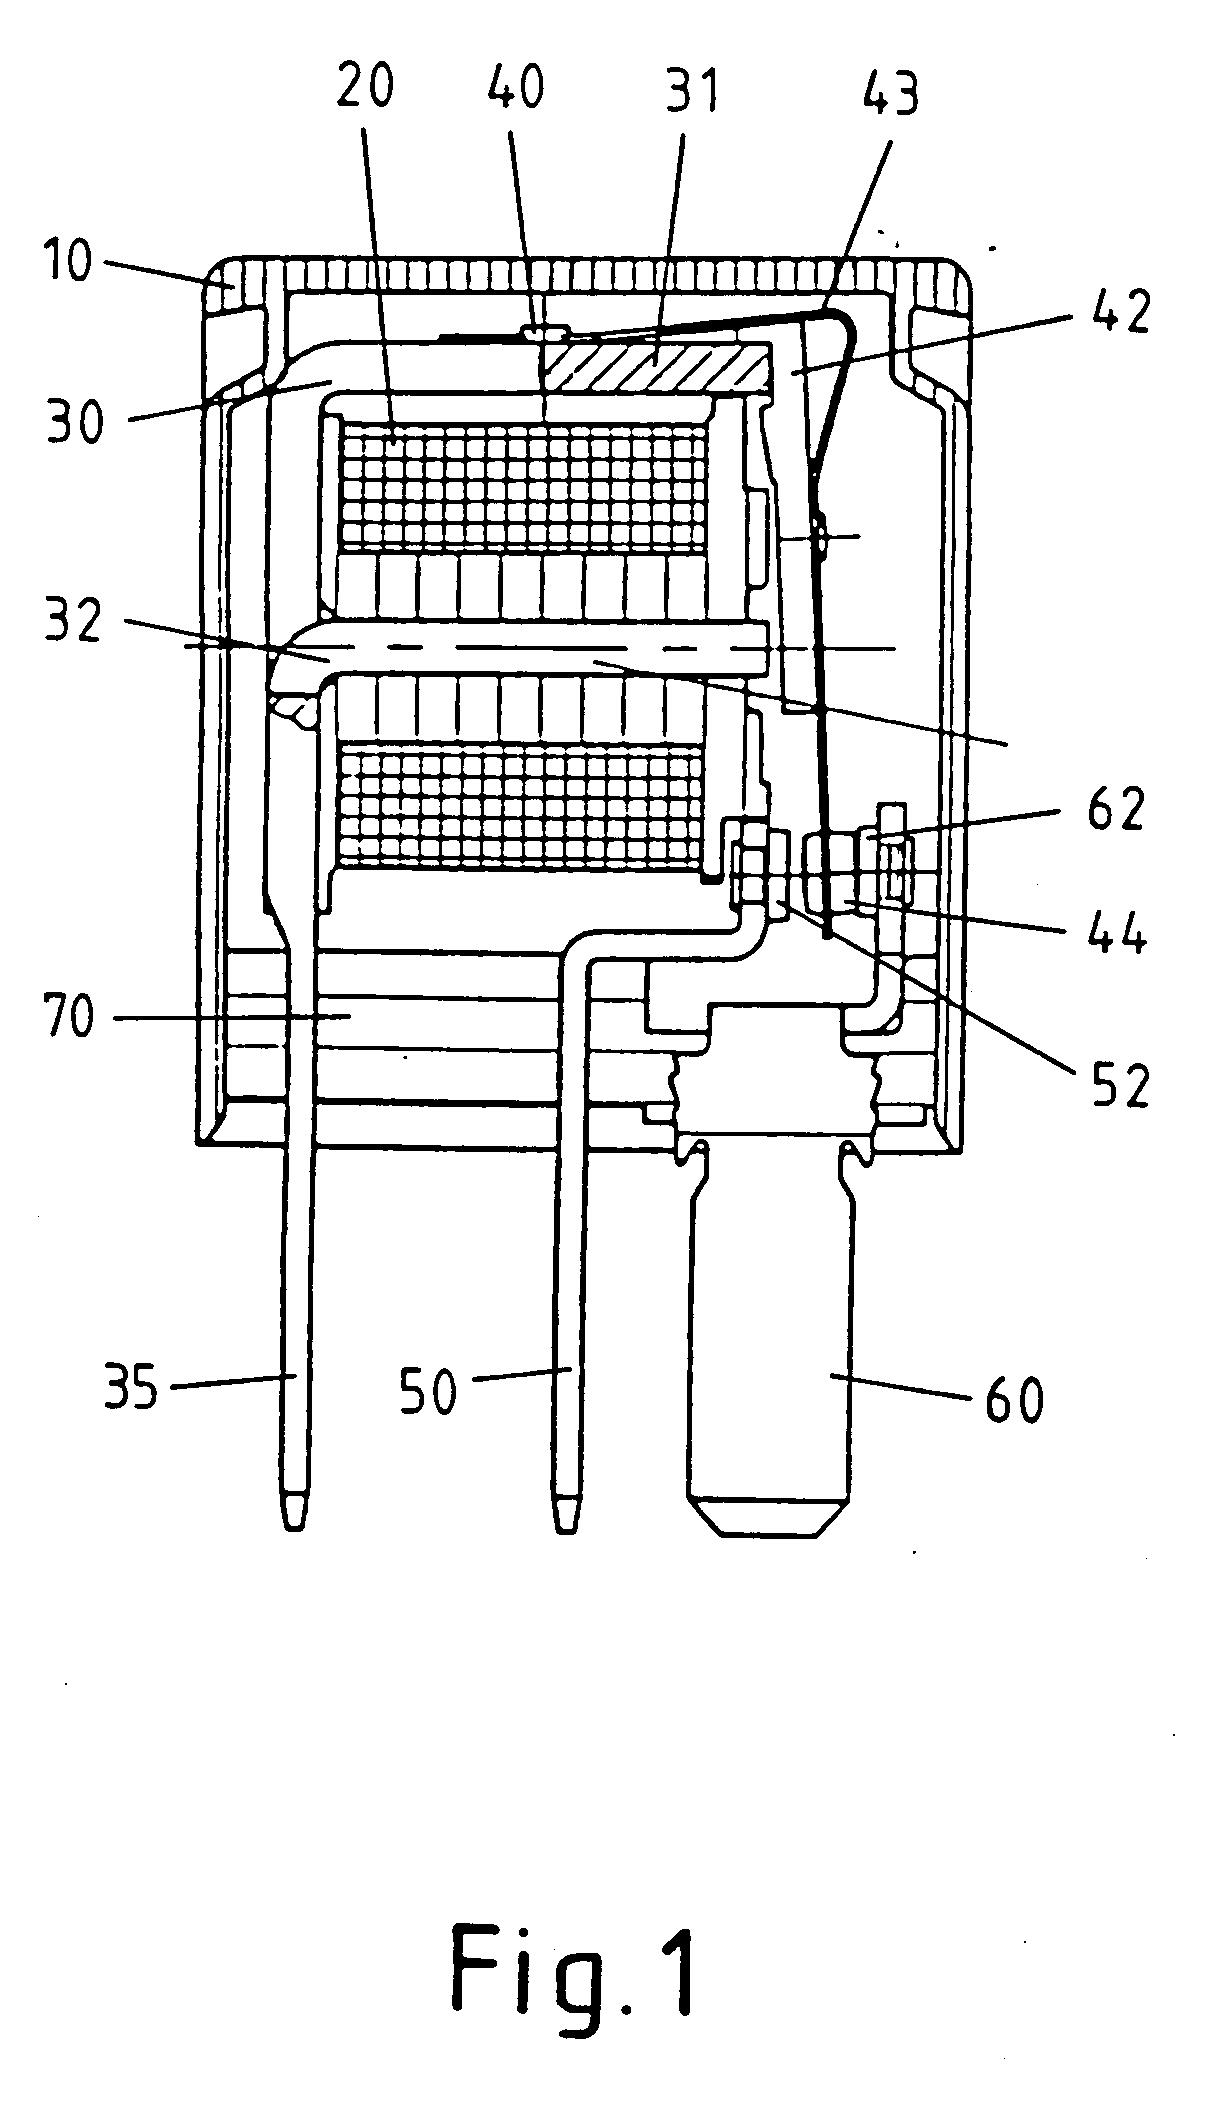 专利ep0855730a2 - elektrisches schaltger01t und